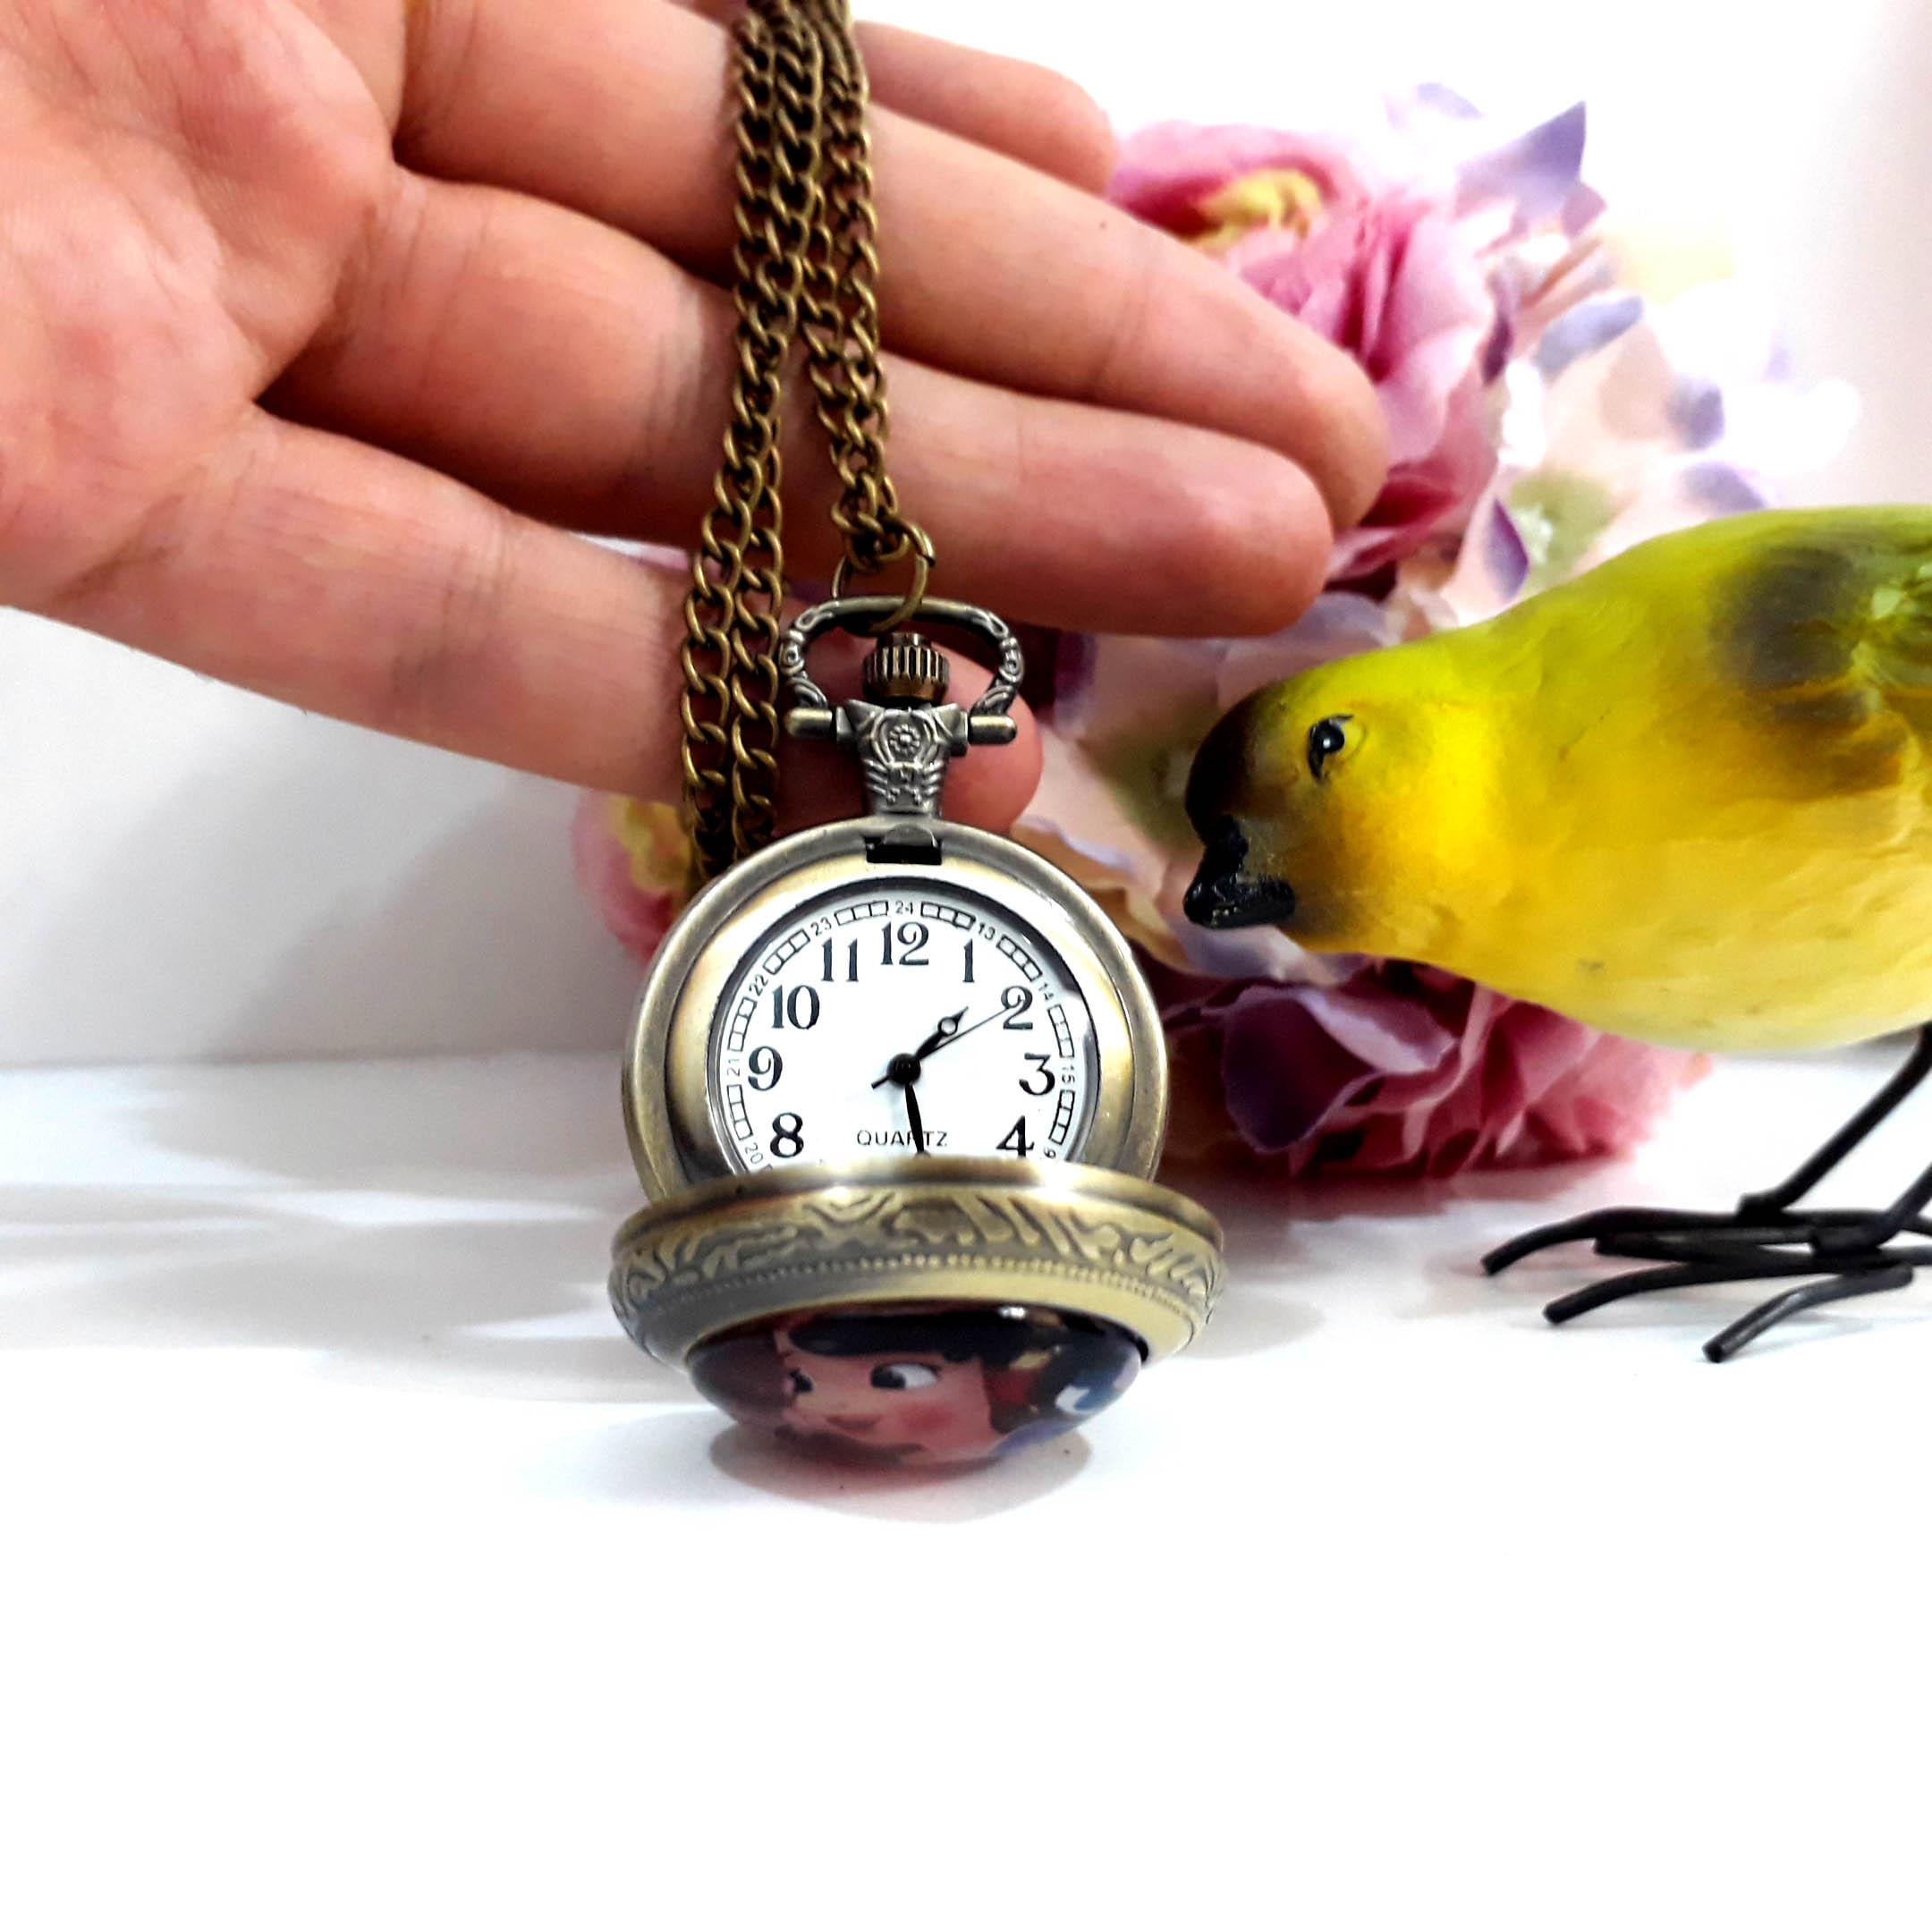 ساعت جیبی مدل سیندرلا کد 01